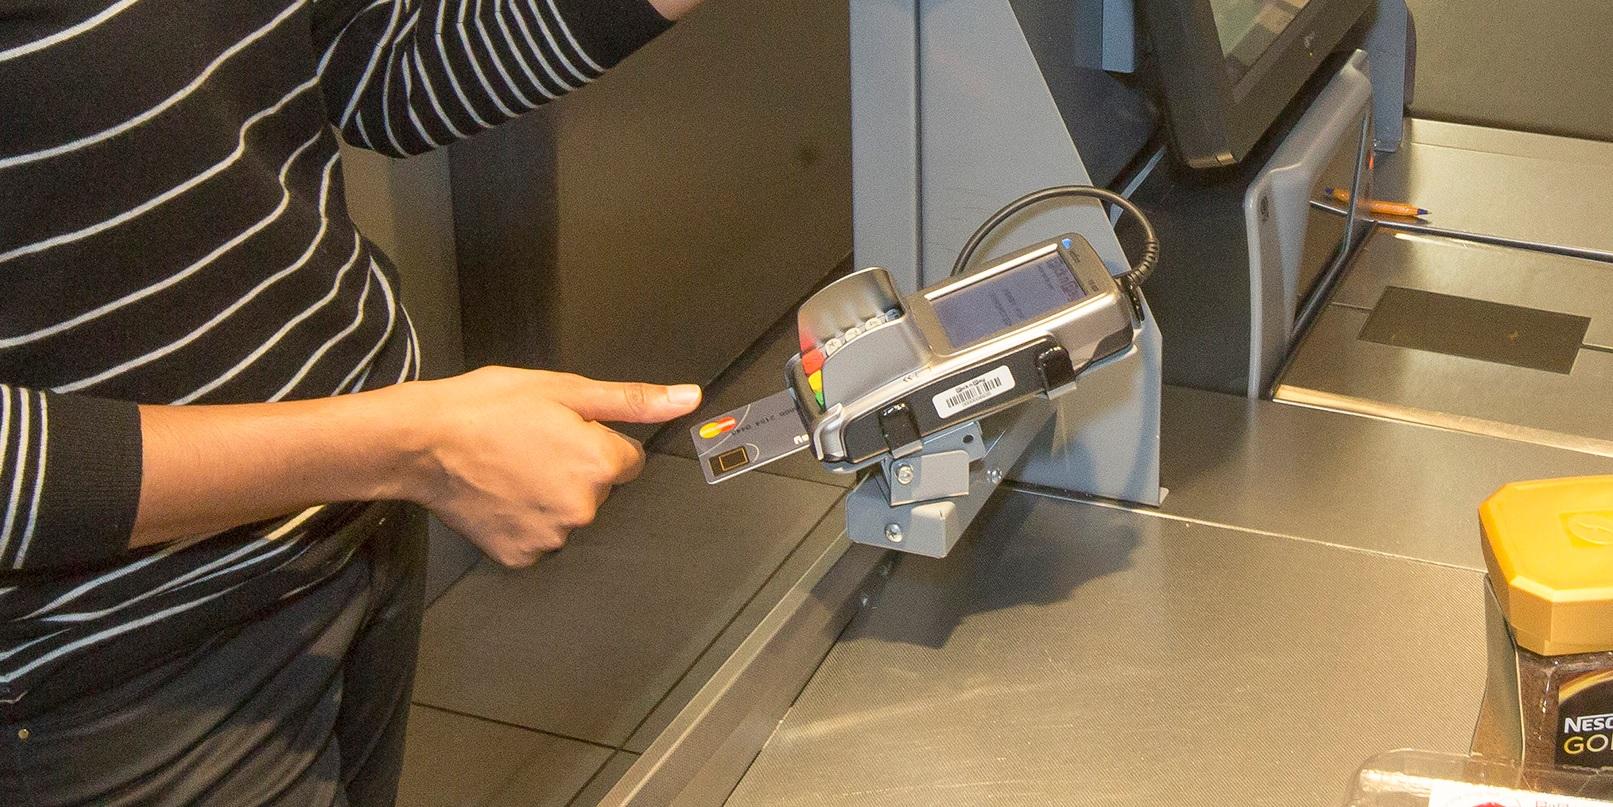 Mastercard tests fingerprint verification for credit cards